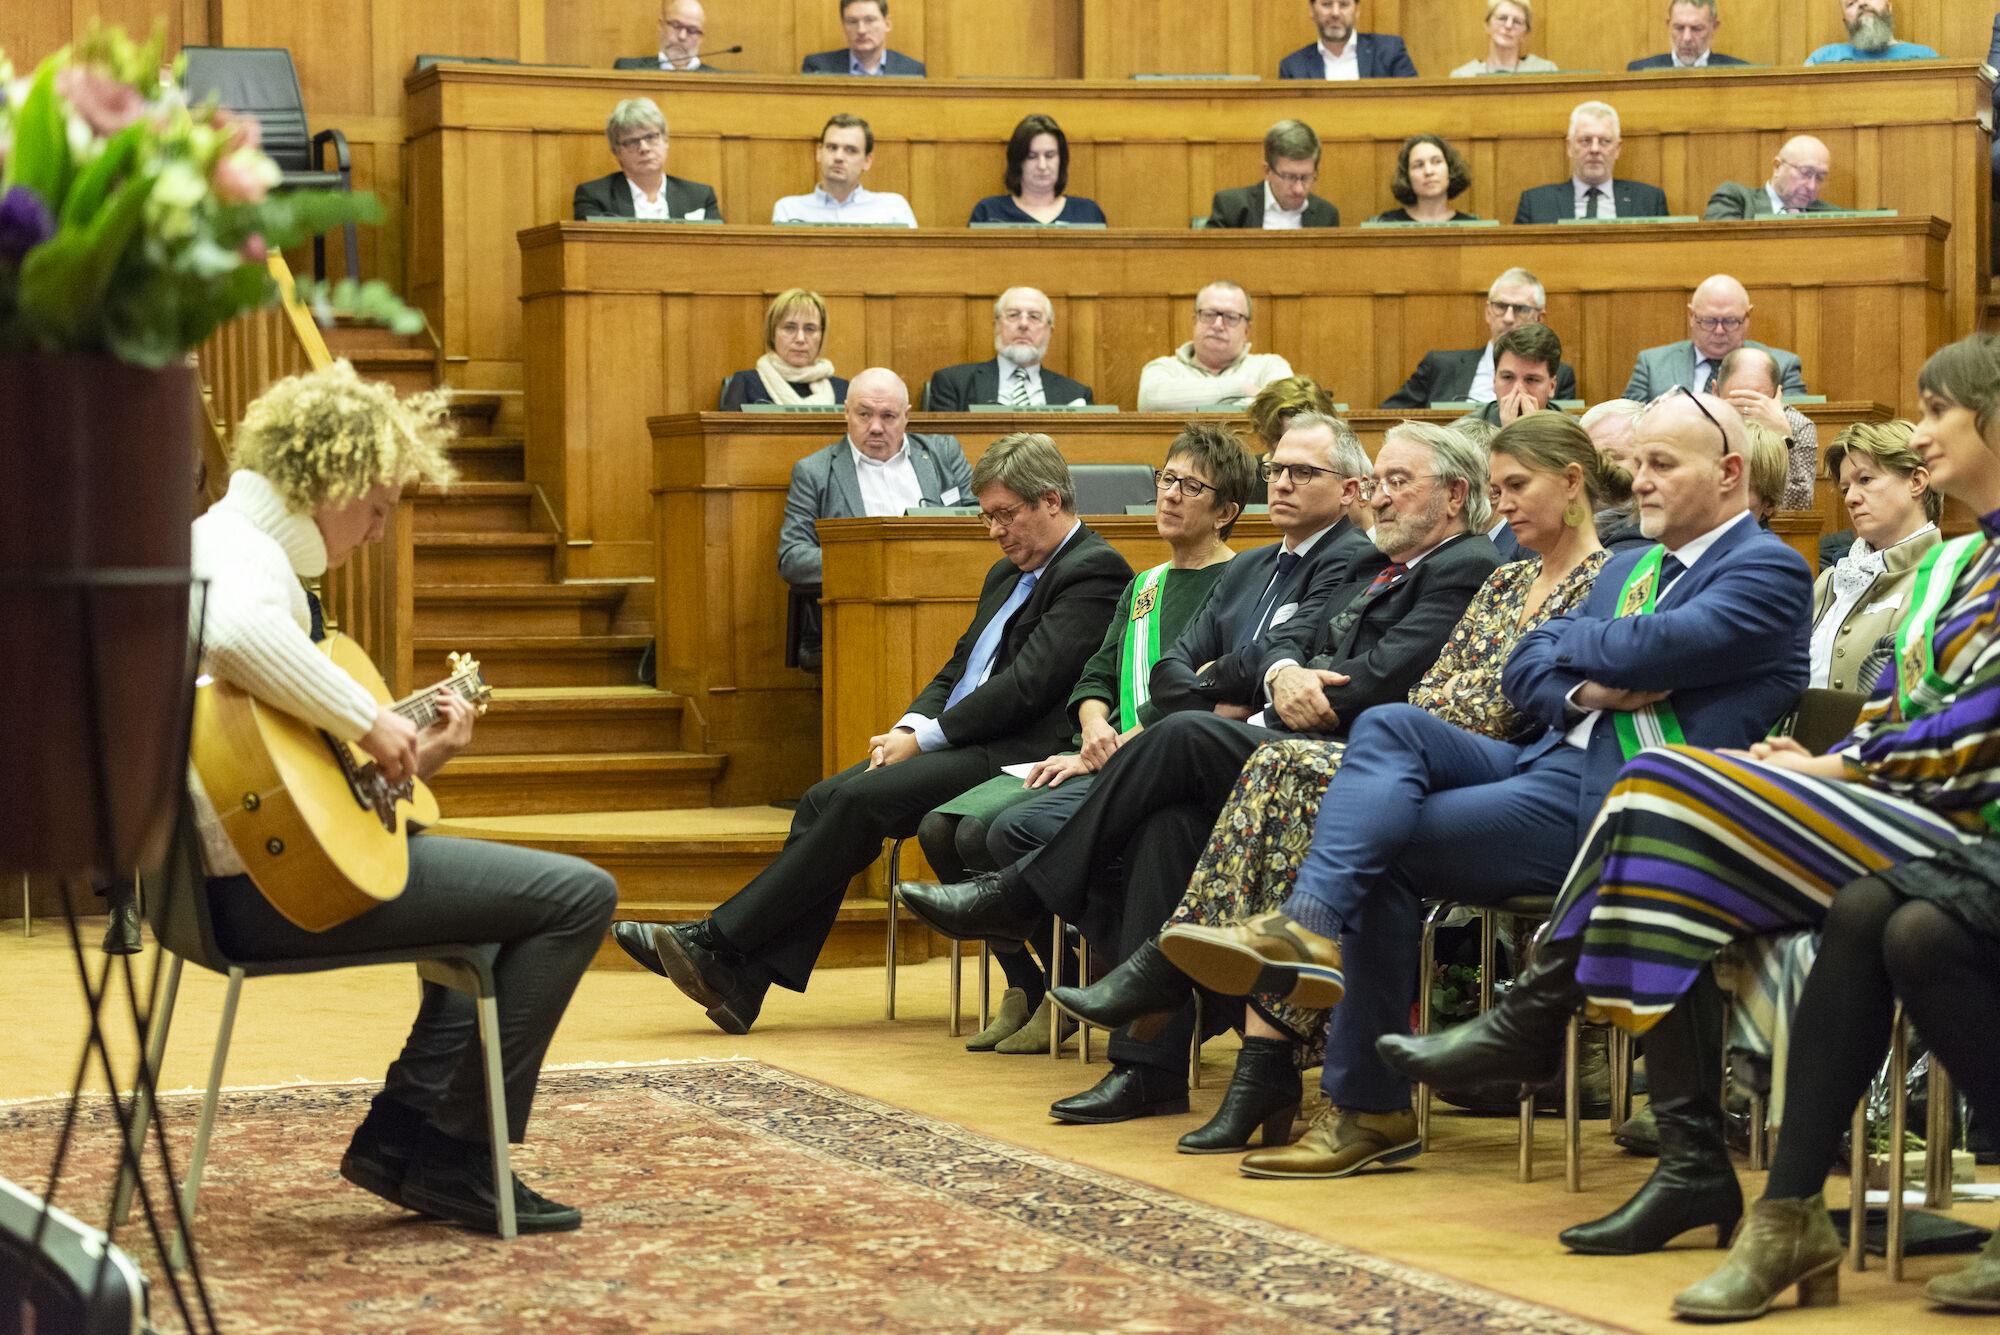 200106 Verdienstelijke Oost-Vlamingen 069.jpg